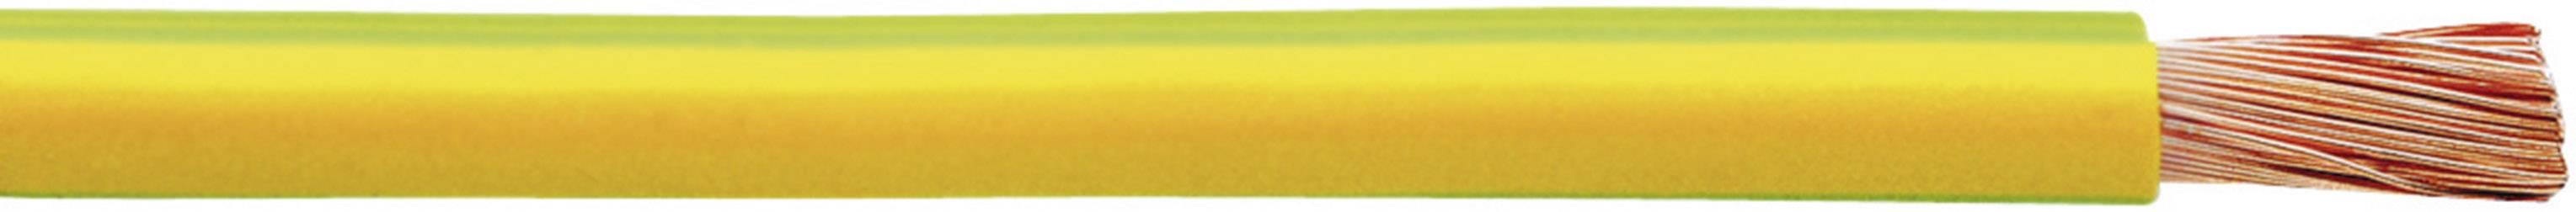 Opletenie / lanko Faber Kabel 040062 H07V-K, 1 x 35 mm², vonkajší Ø 9.80 mm, metrový tovar, zelenožltá